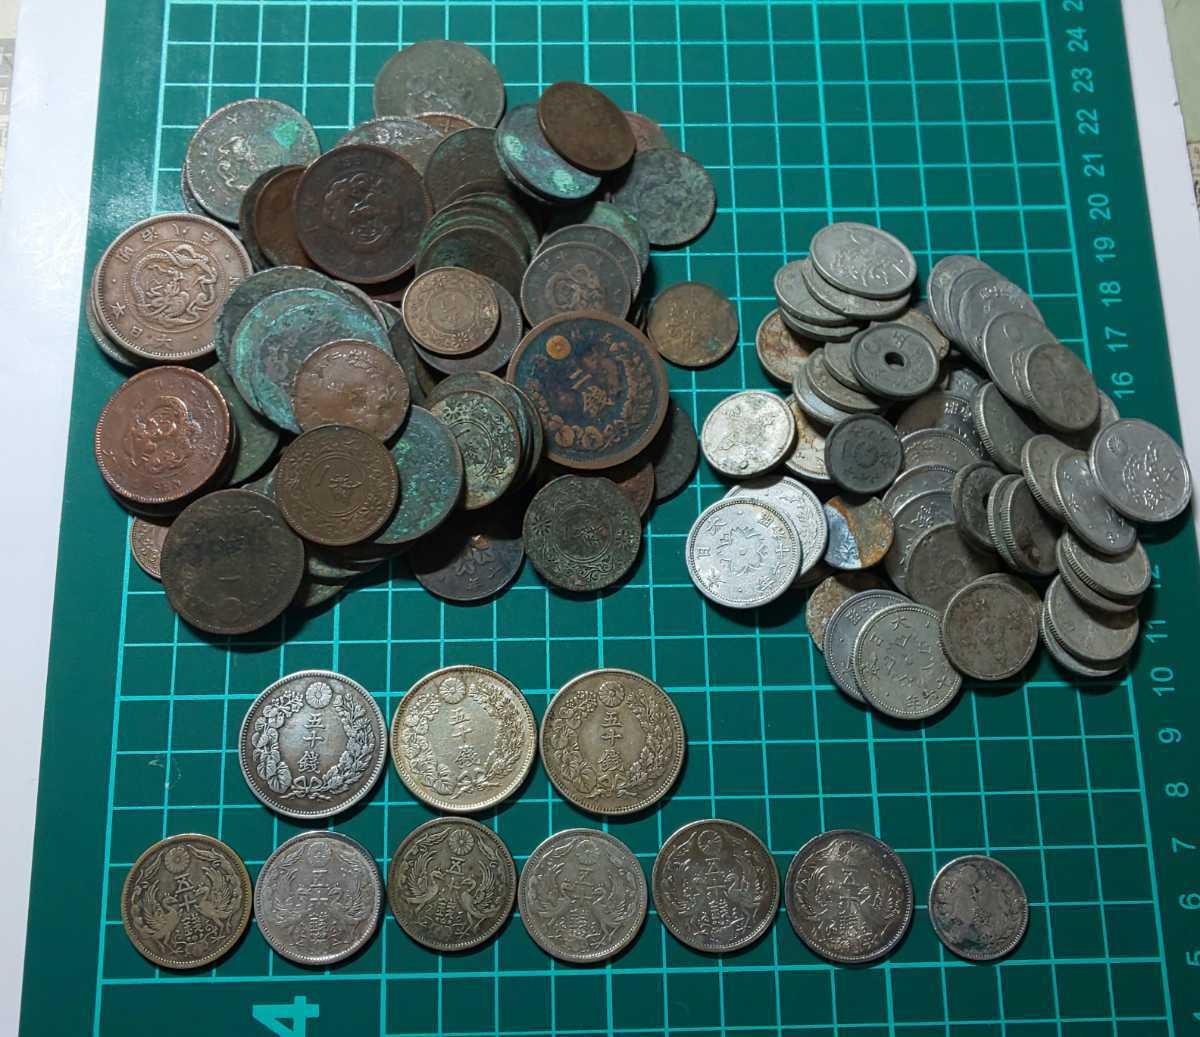 【日本 古銭 おまとめ】銀貨・銅貨・アルミ貨・錫貨 まとめて153枚!